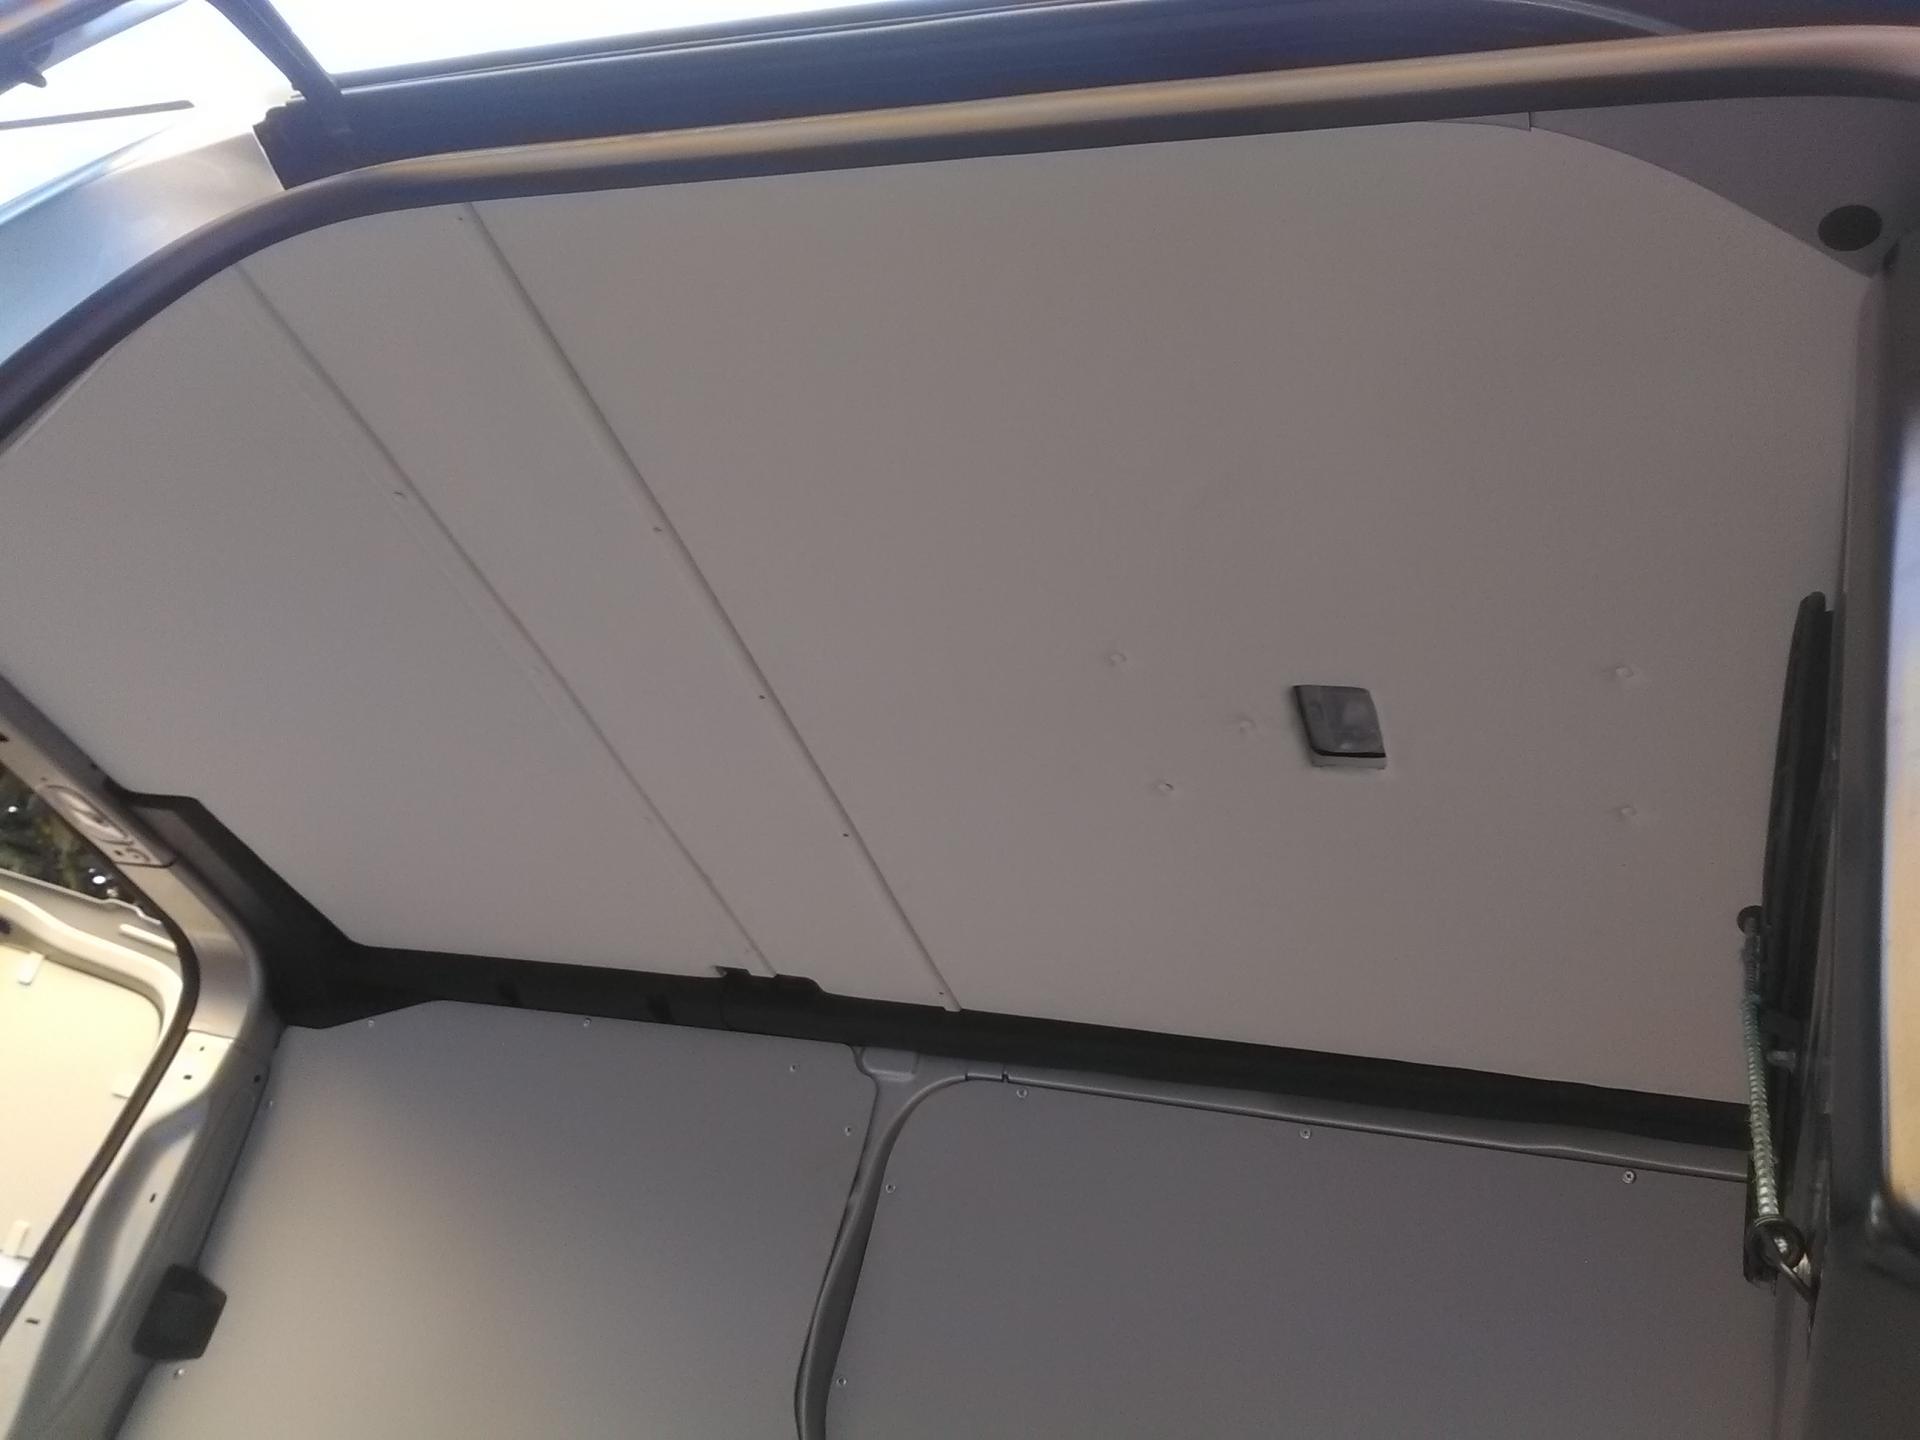 Pose d'un toit avec revêtement en simili cuir blanc sur un jumpy combi